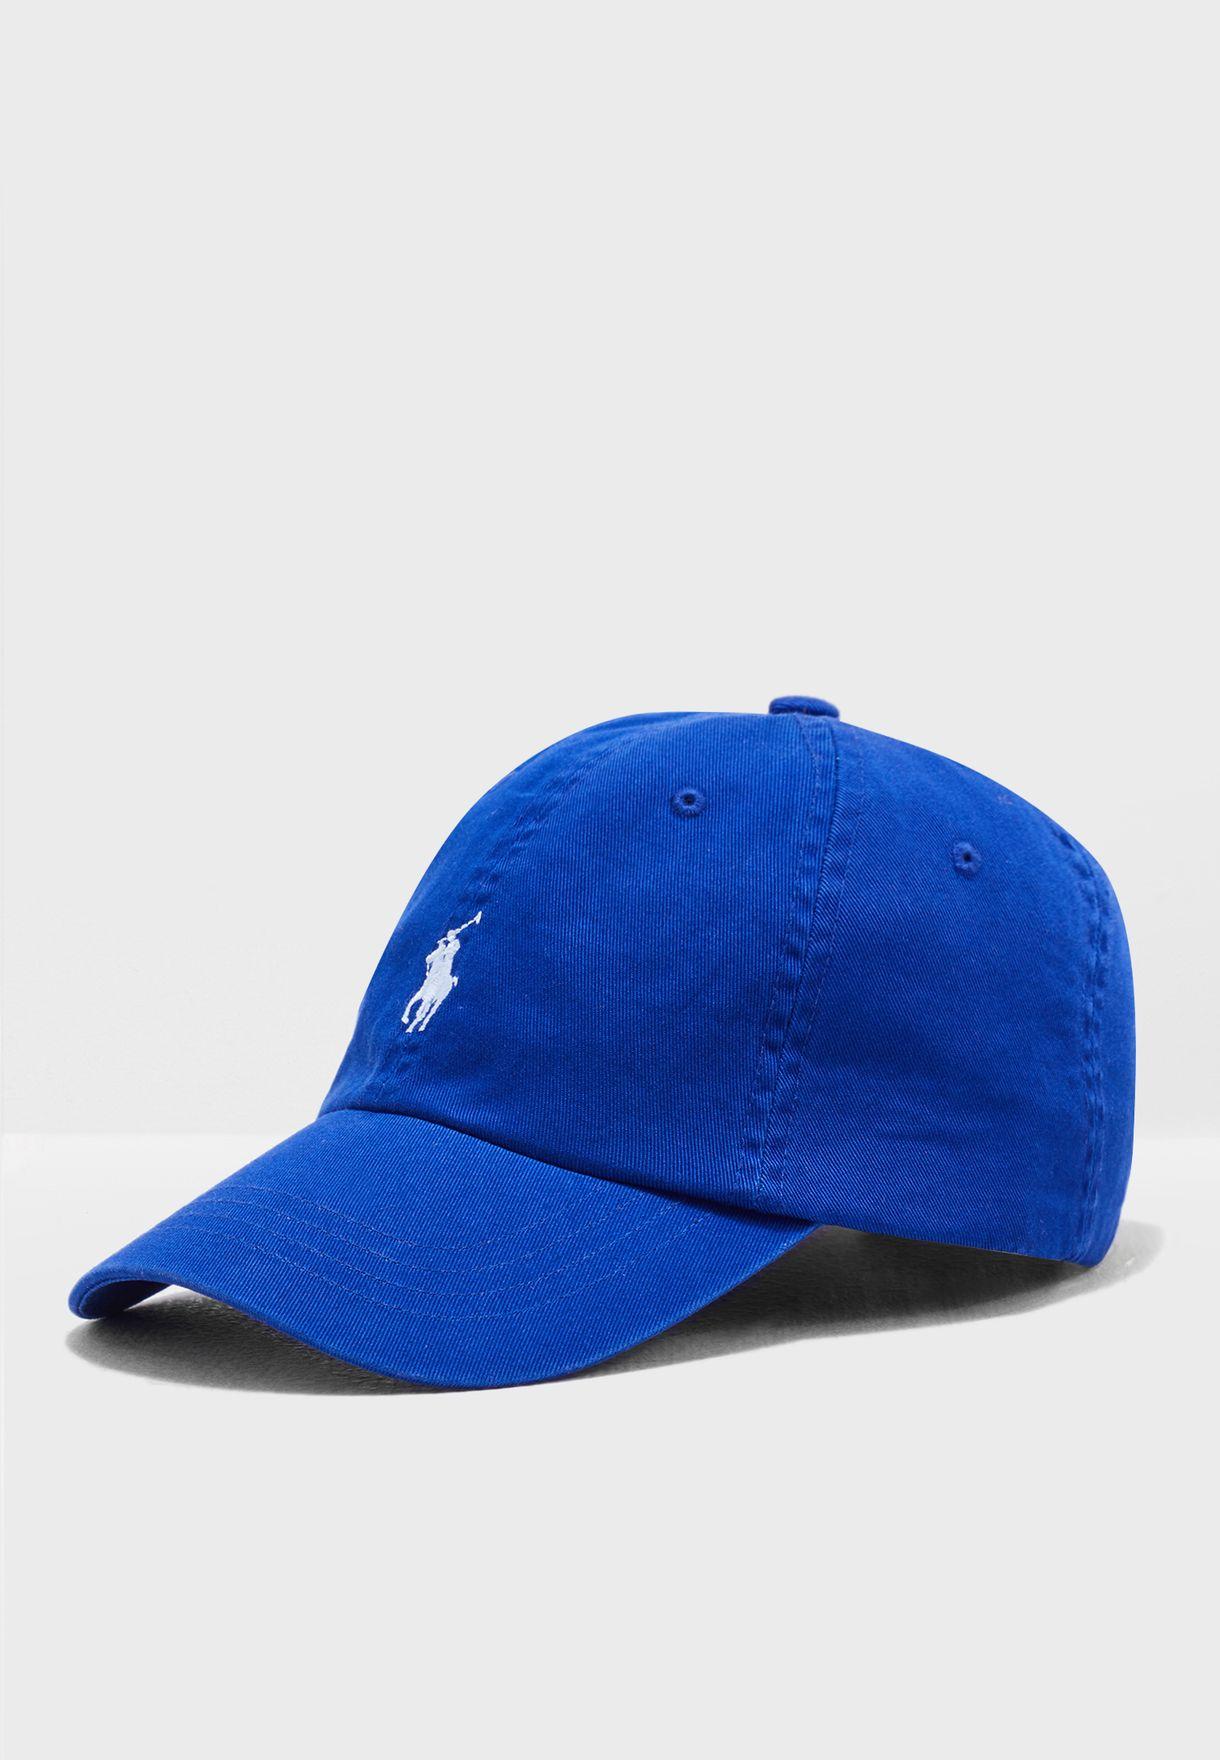 1eabf7781ad43 Shop Polo Ralph Lauren blue Cotton Chino Baseball Cap 7.10668E+11 ...